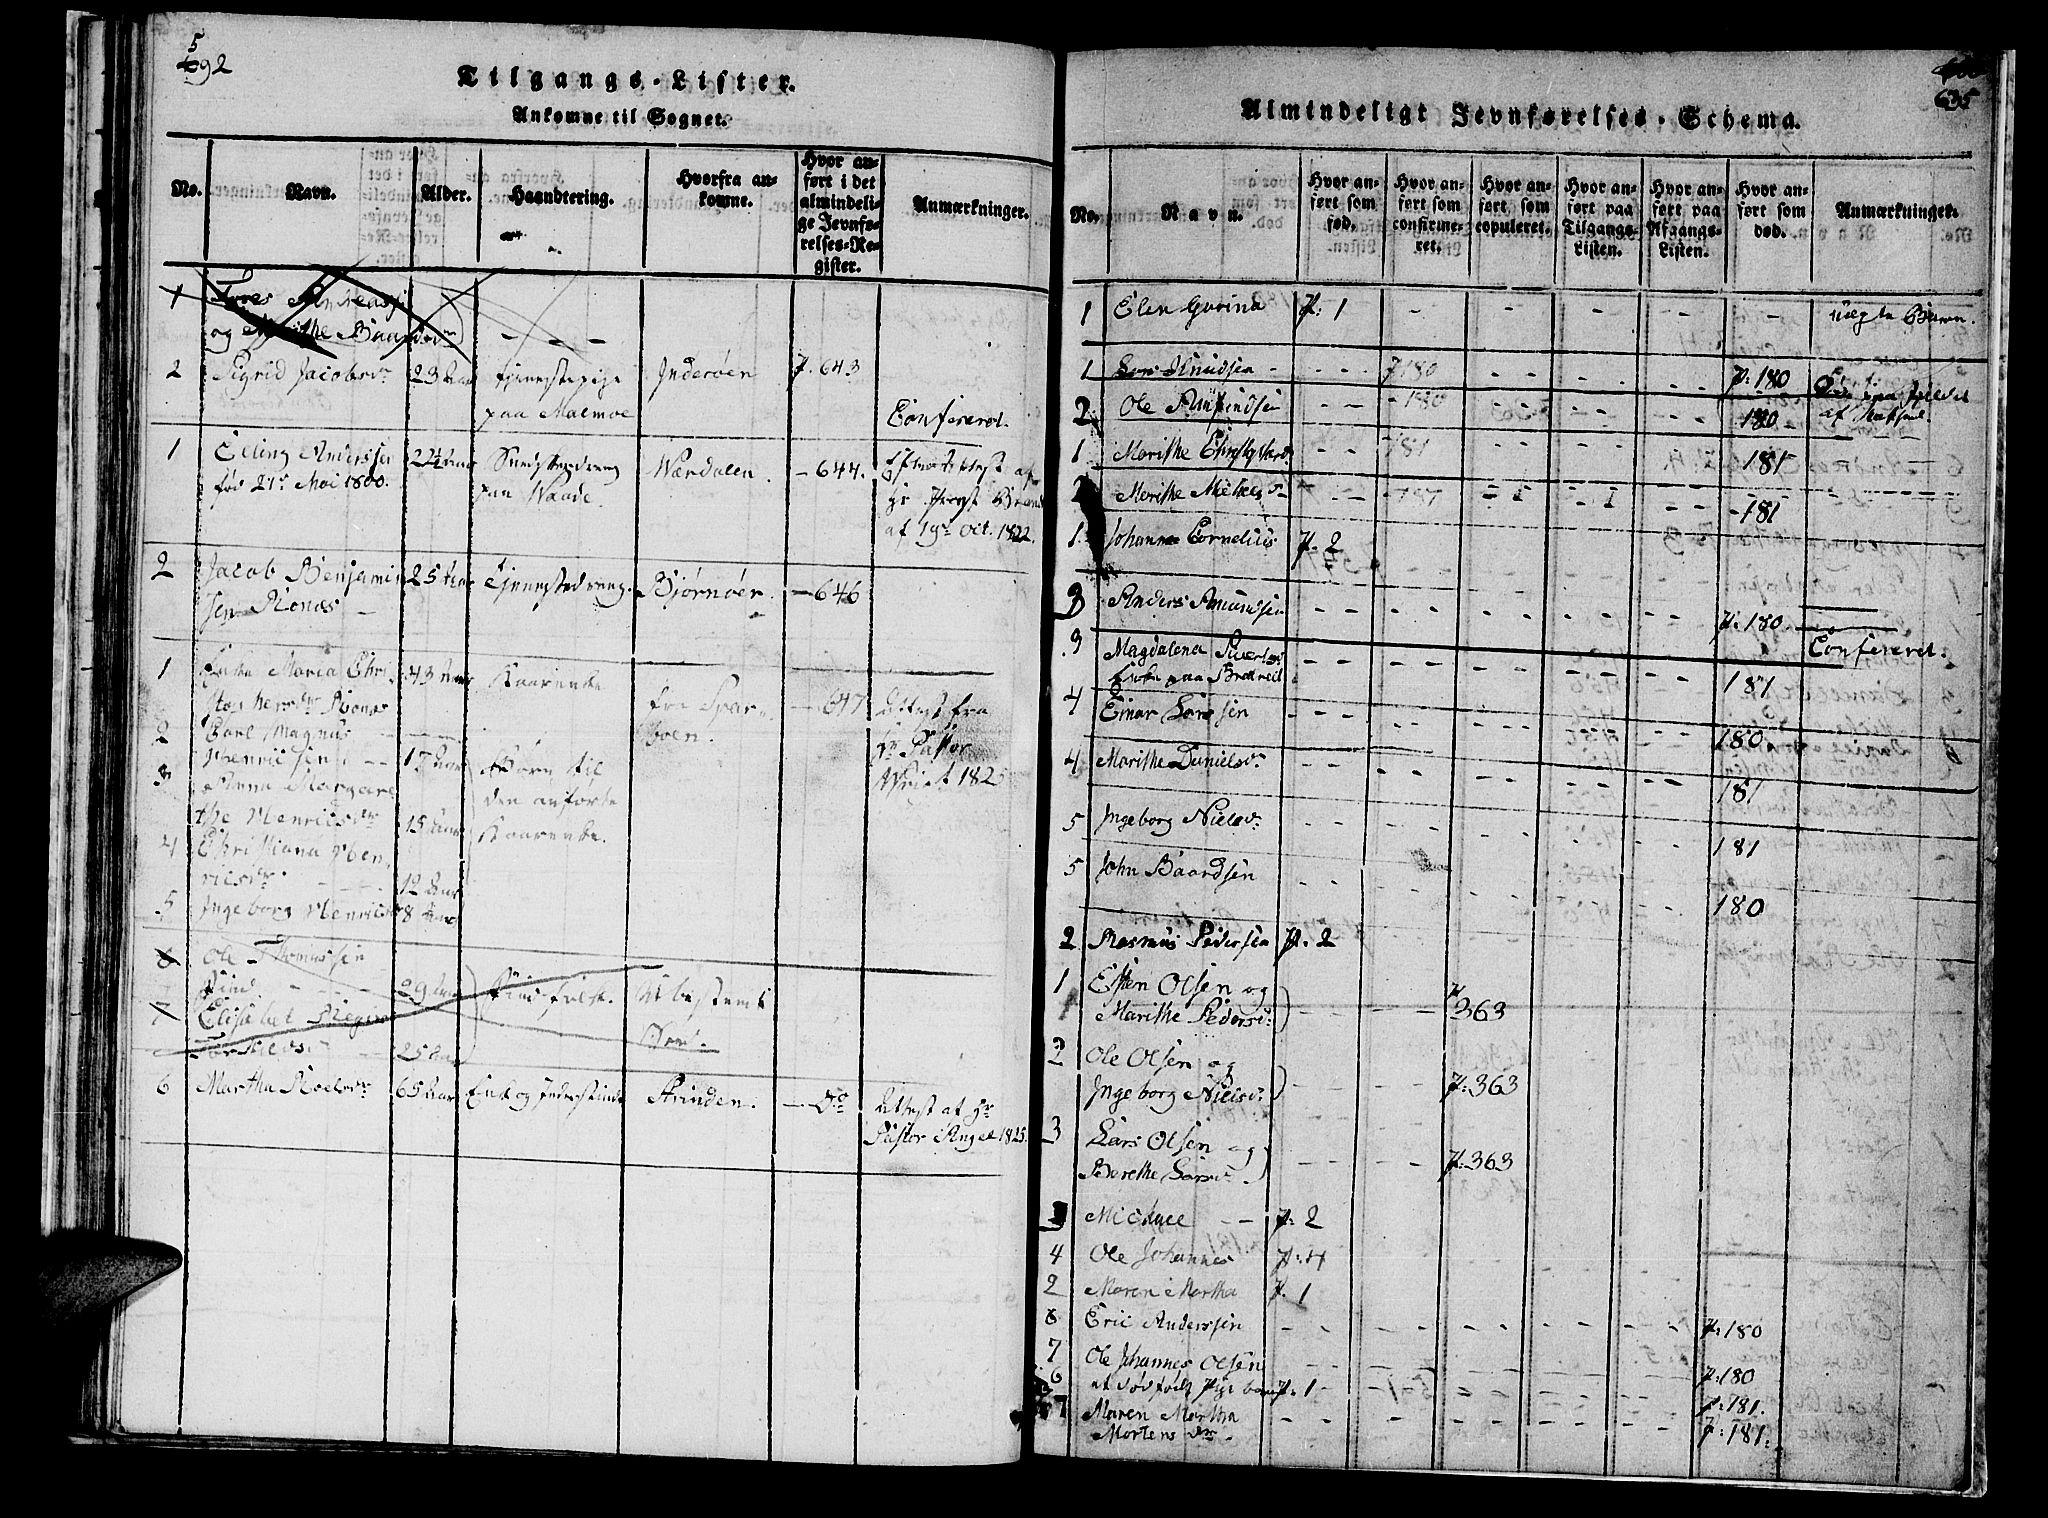 SAT, Ministerialprotokoller, klokkerbøker og fødselsregistre - Nord-Trøndelag, 745/L0433: Klokkerbok nr. 745C02, 1817-1825, s. 592-635